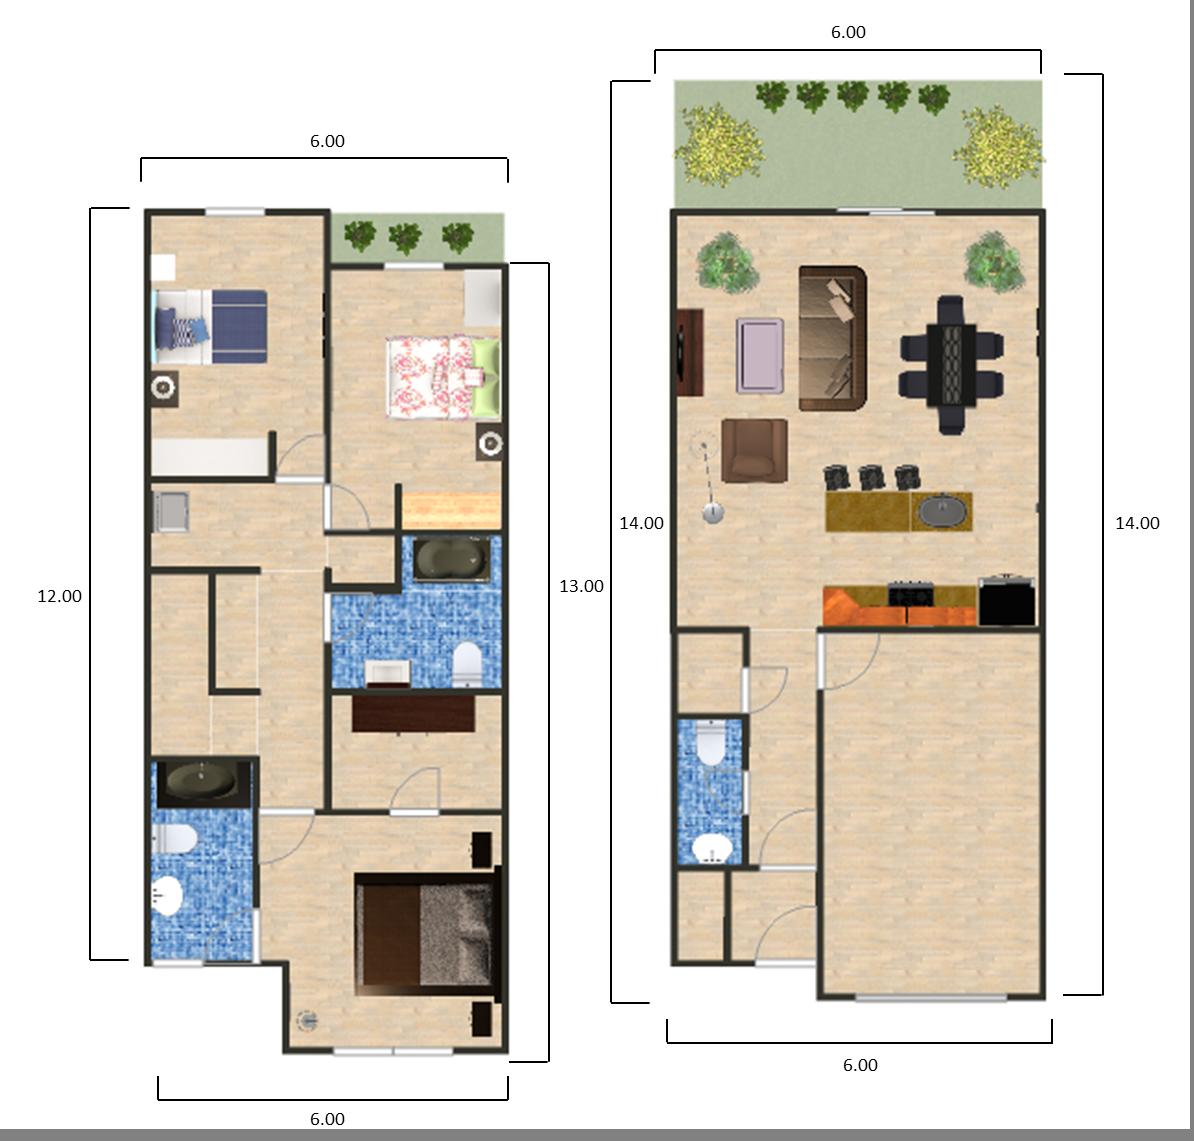 Dise o de interiores de la peque a casa planos de for Diseno de planos